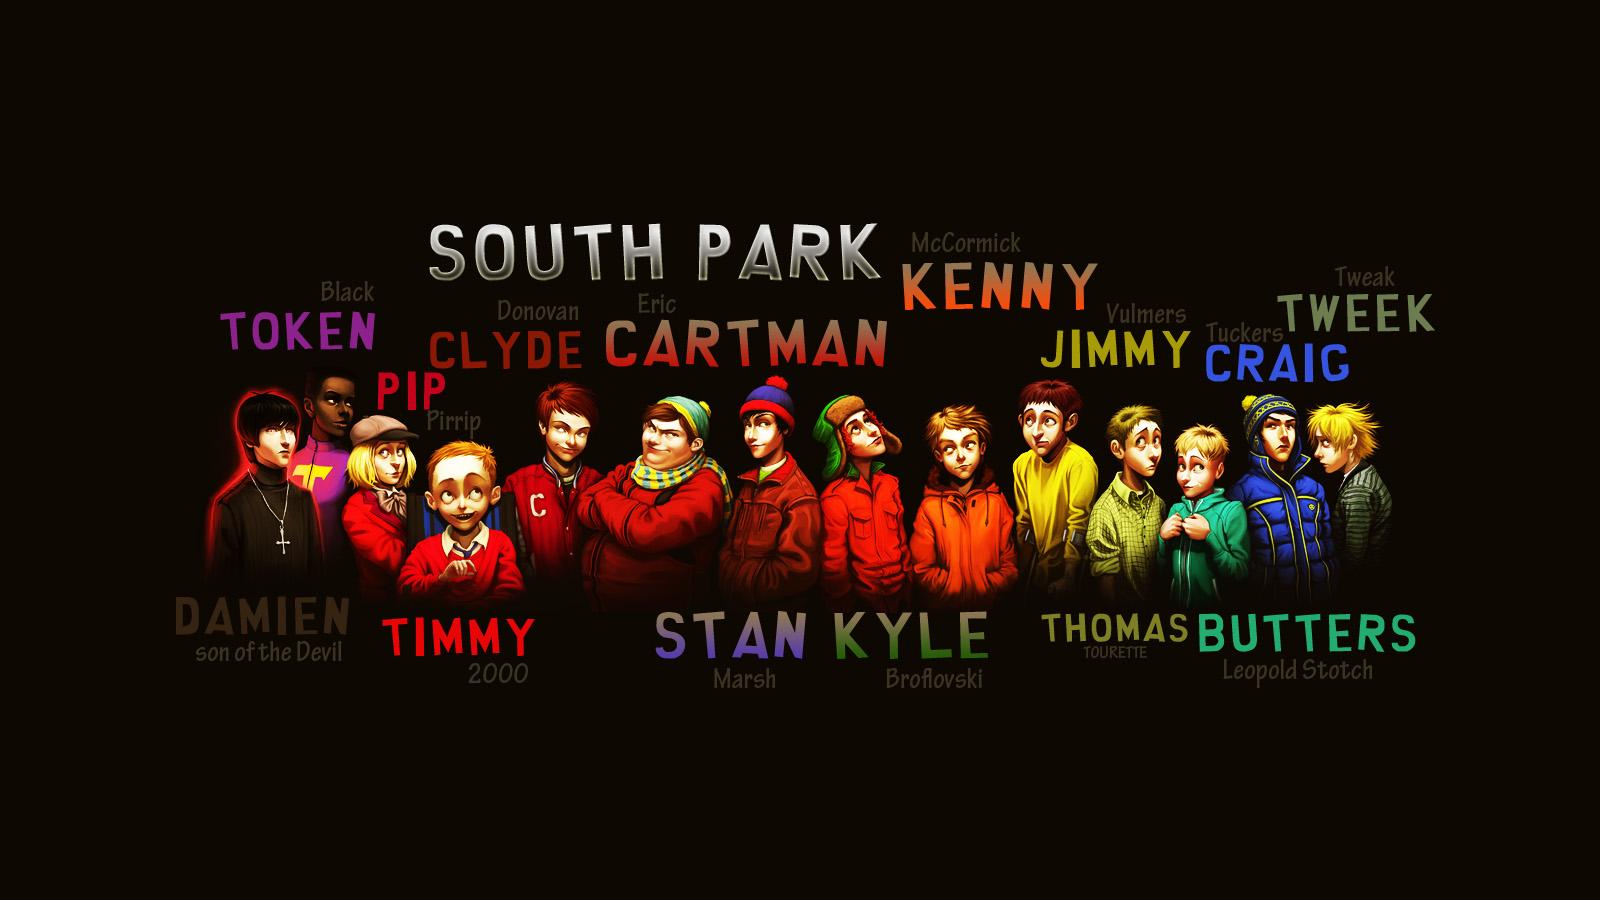 HD South Park Wallpapers - WallpaperSafari